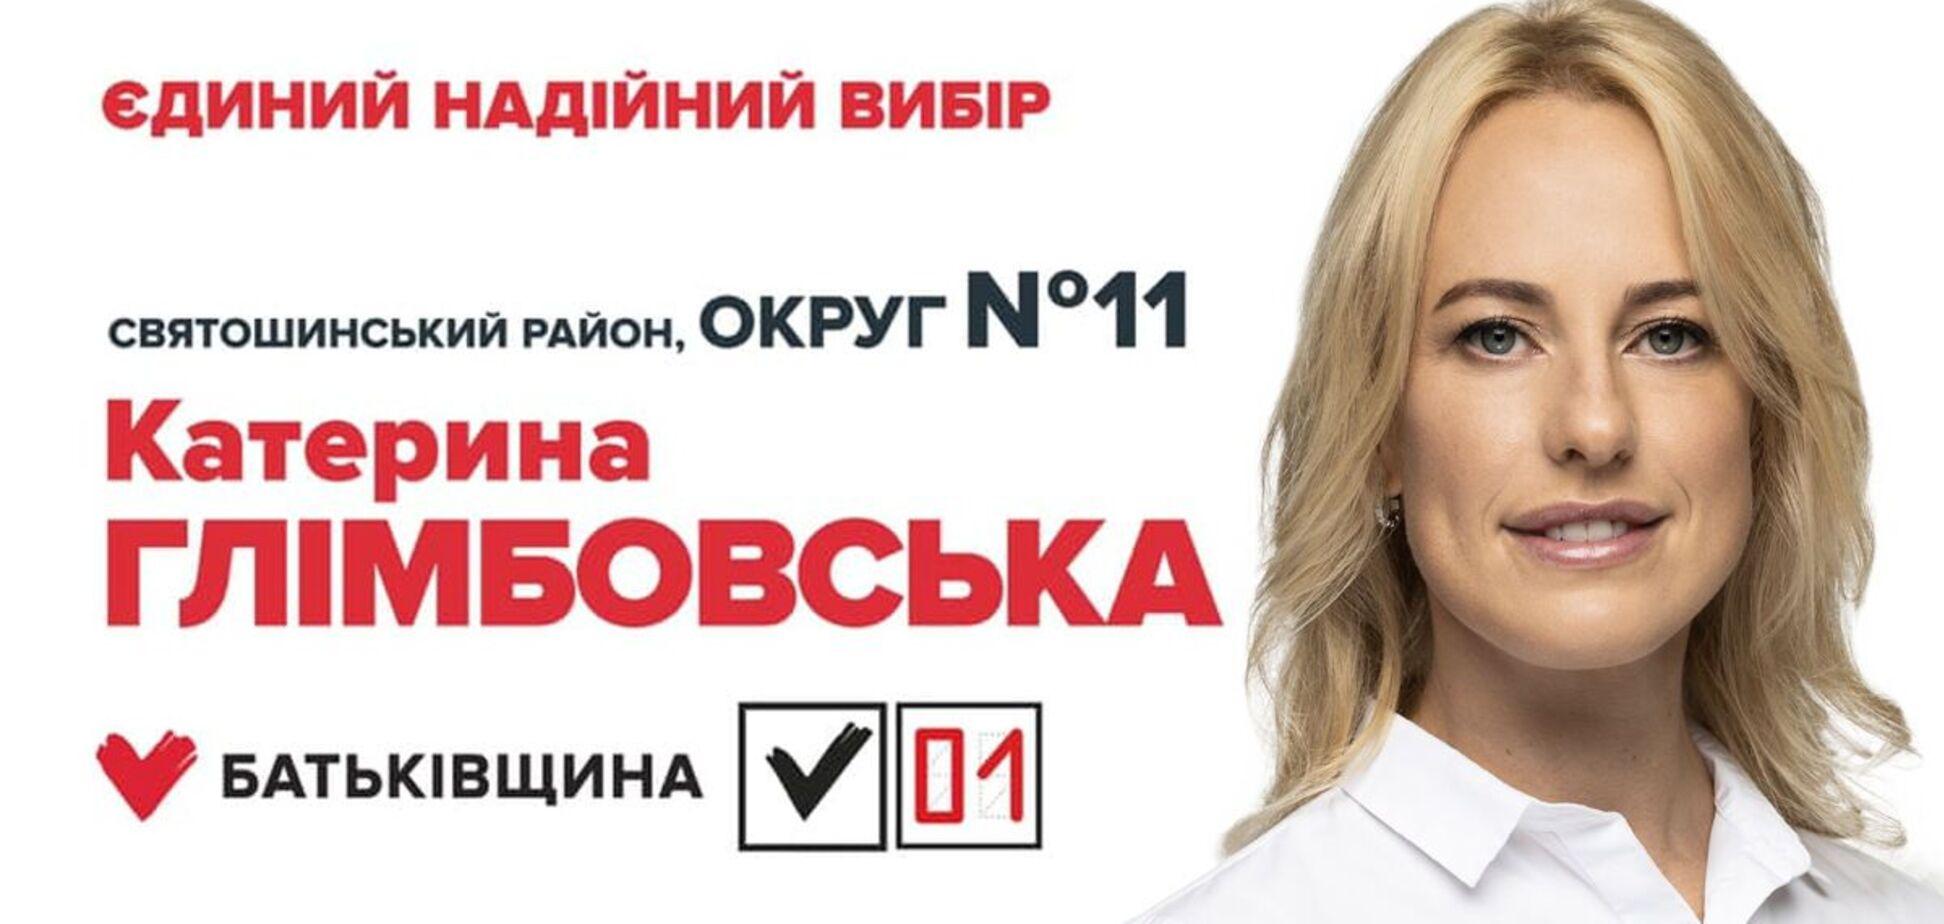 Екатерина Глимбовская: успешные граждане – залог успешного города